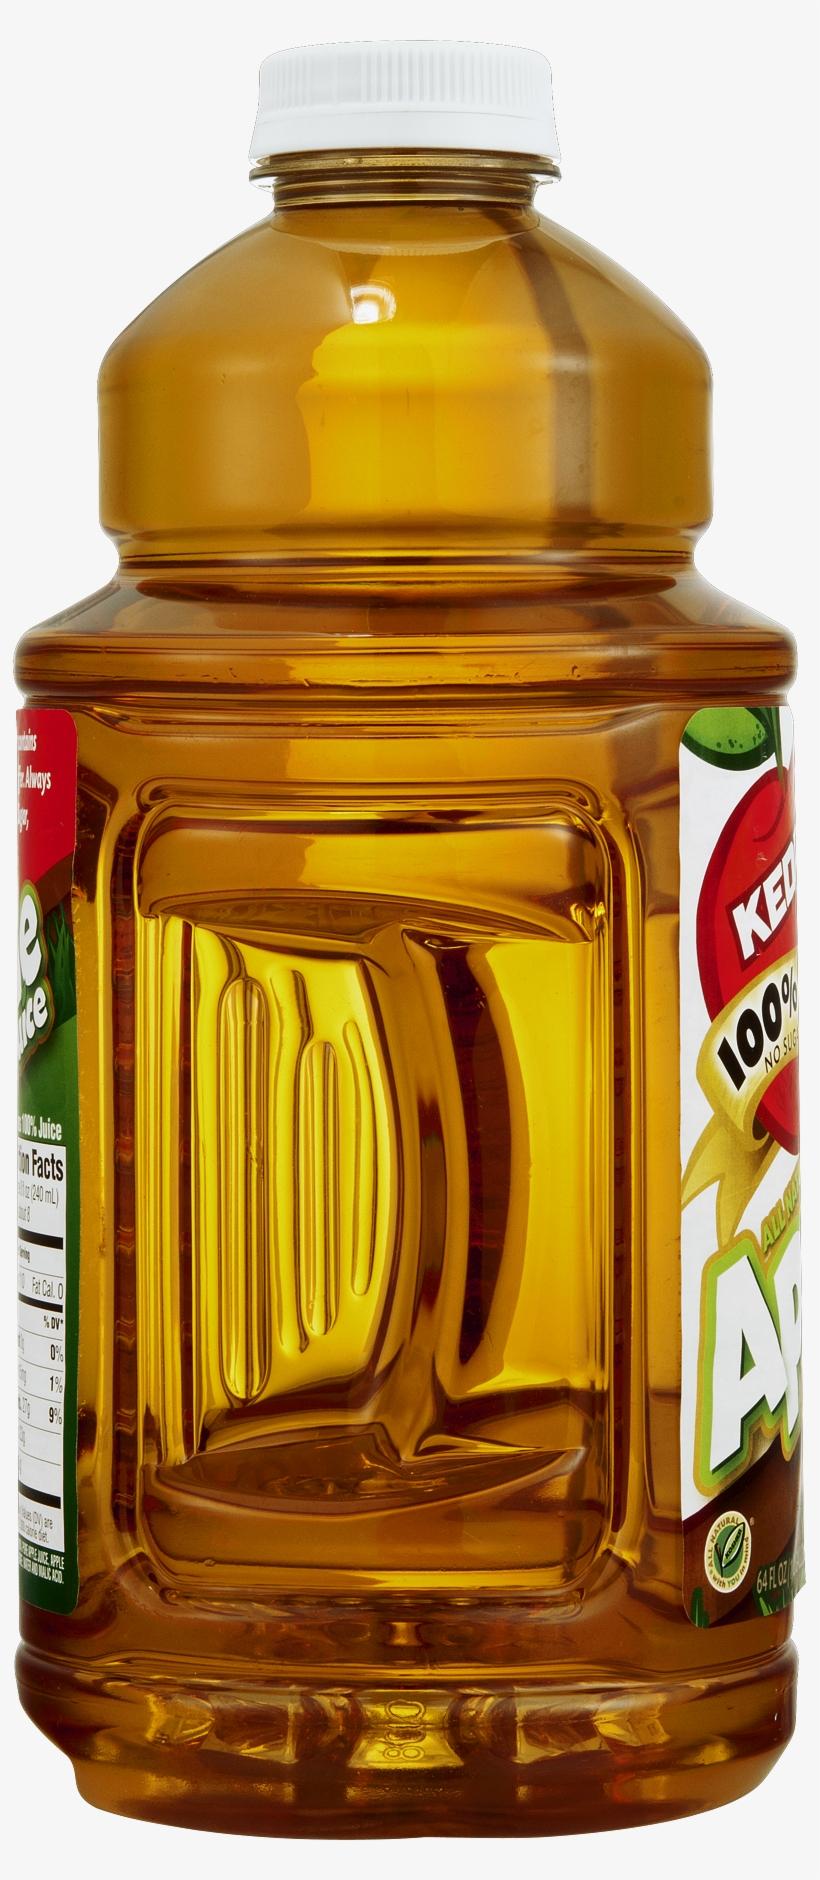 Kedem Food Products Kedem 100% Juice, 64 Oz - Kedem Apple Juice - 64 Fl Oz Bottle, transparent png #6170812